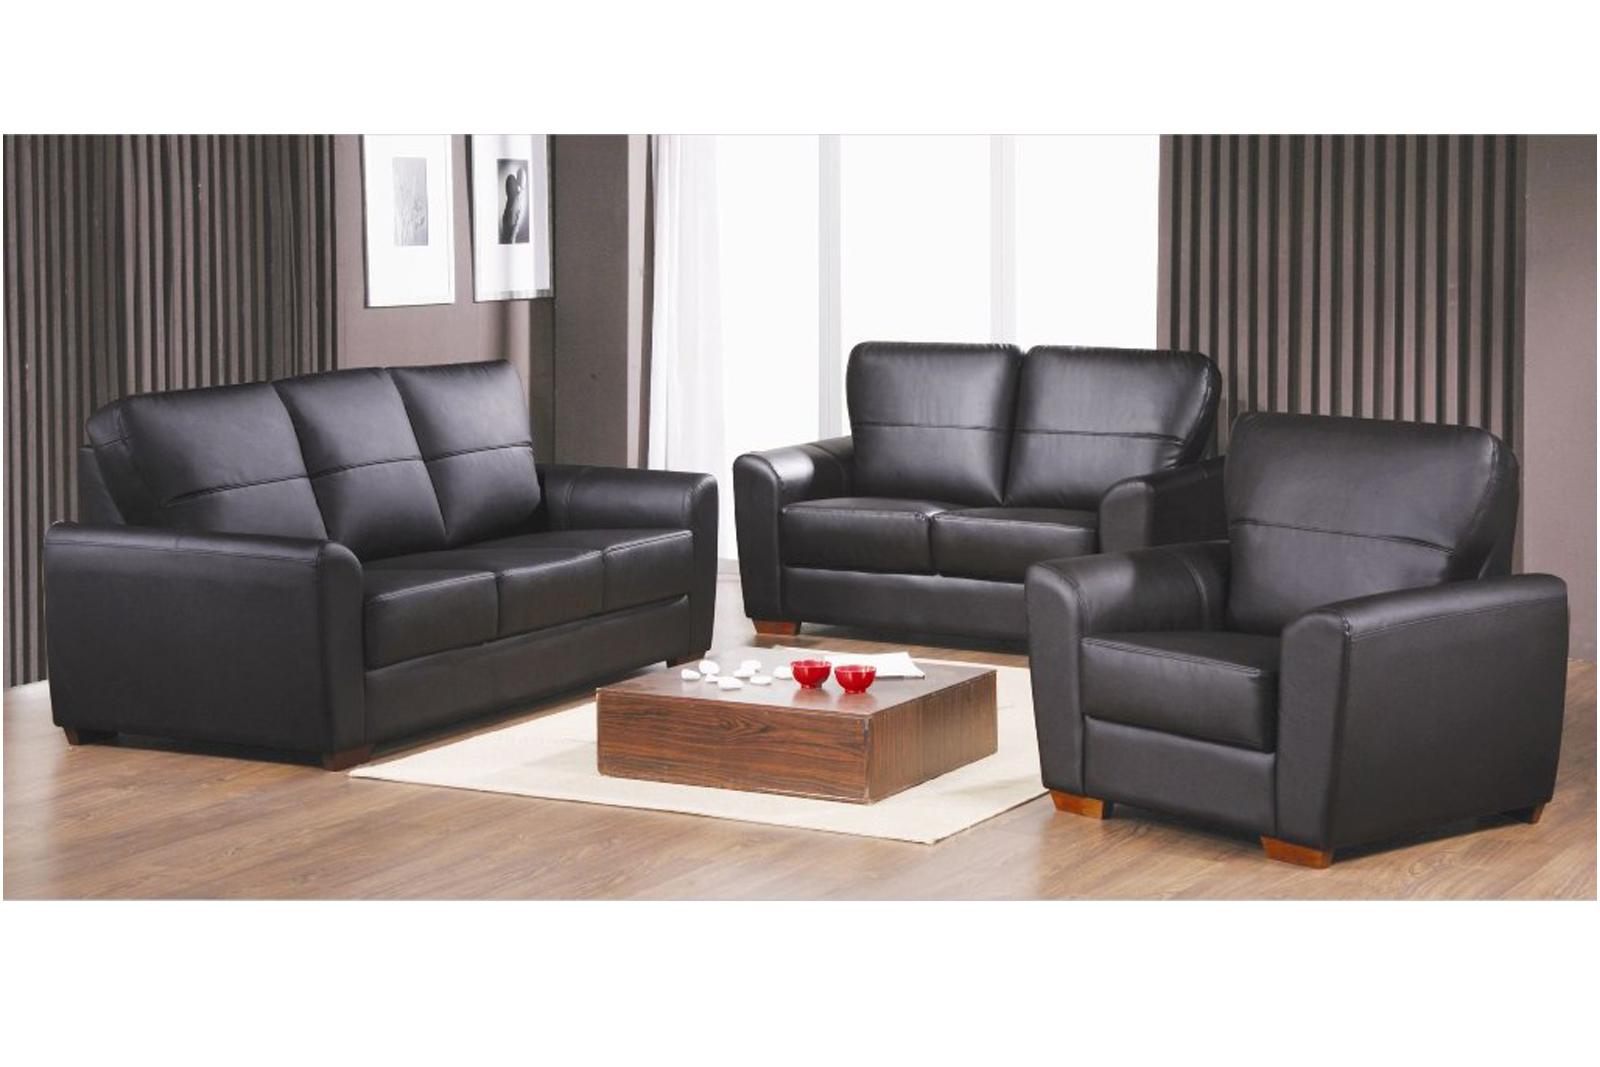 Sofa Confort Budm sofa Confort 3 1 1 Thomson Home Depot